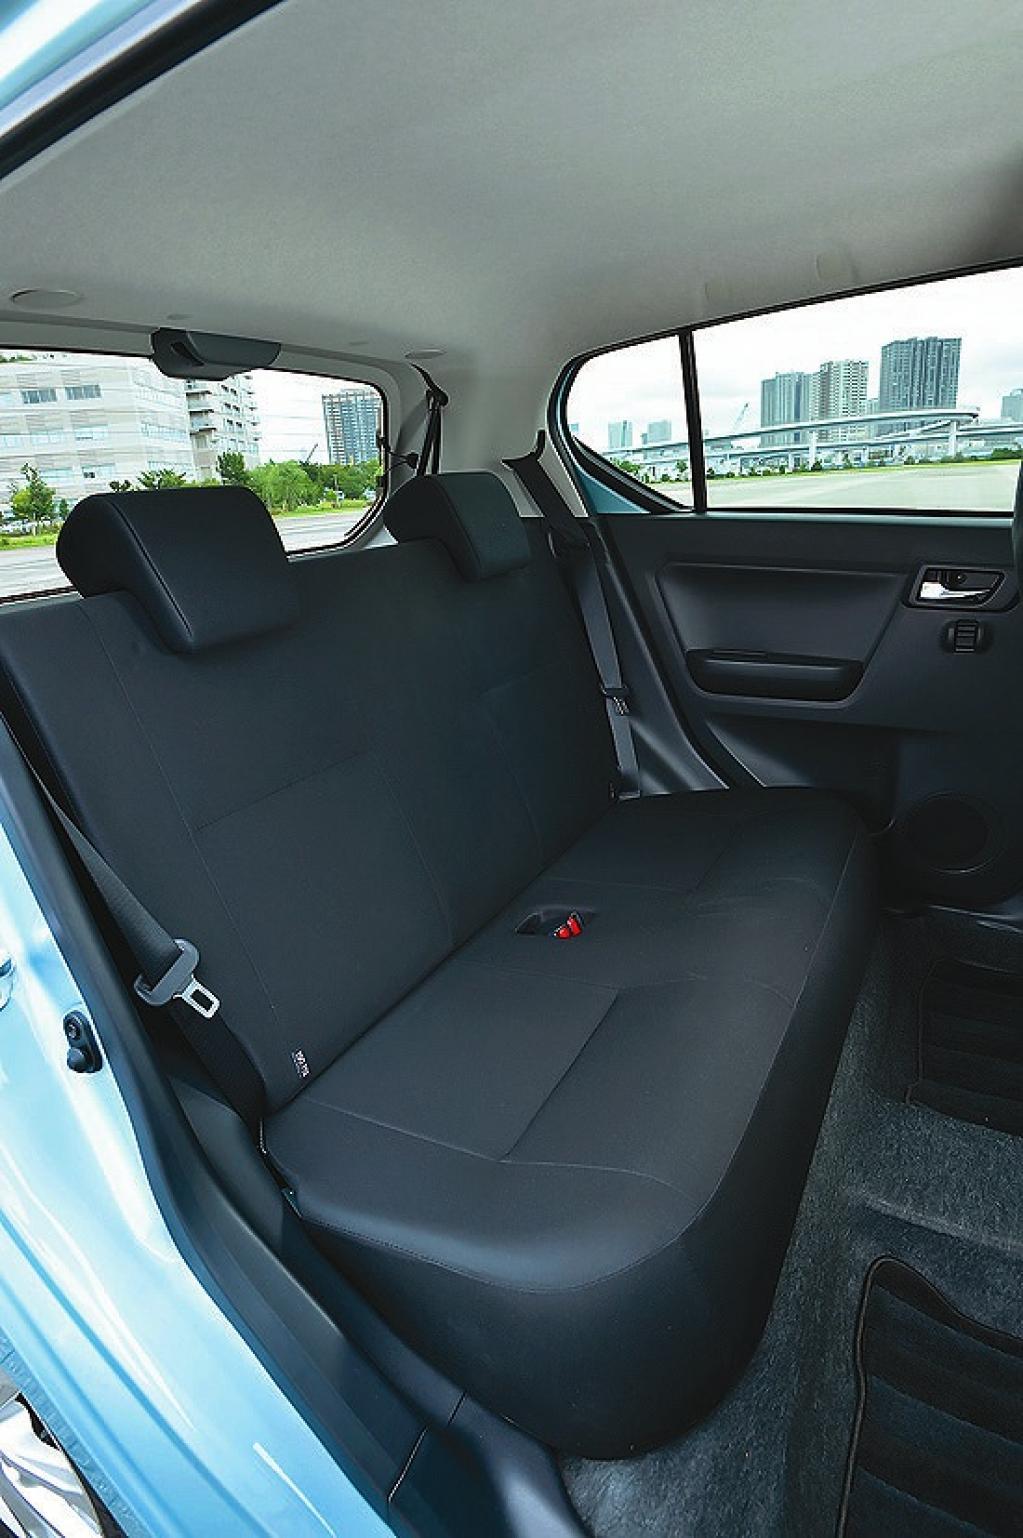 ダイハツ・ミラ イースが売れ筋の軽自動車のハッチバッククラス(4車種を比較してみる)